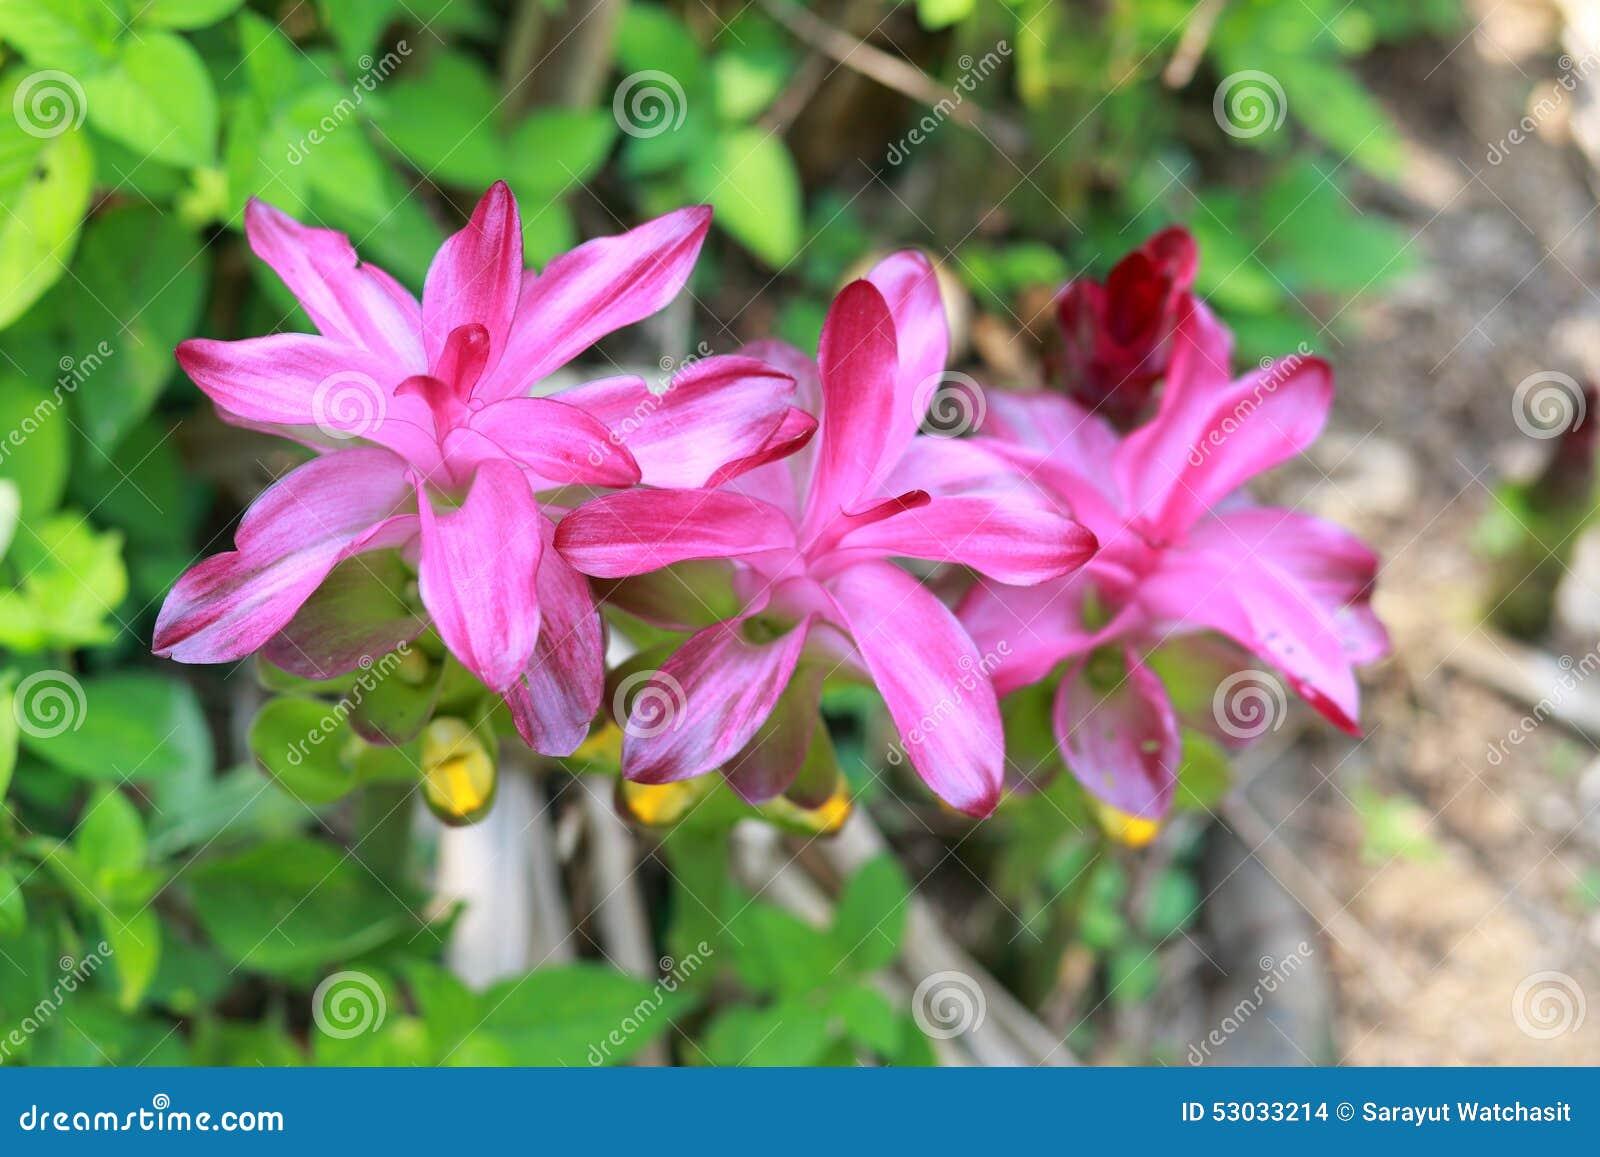 Flor da cúrcuma